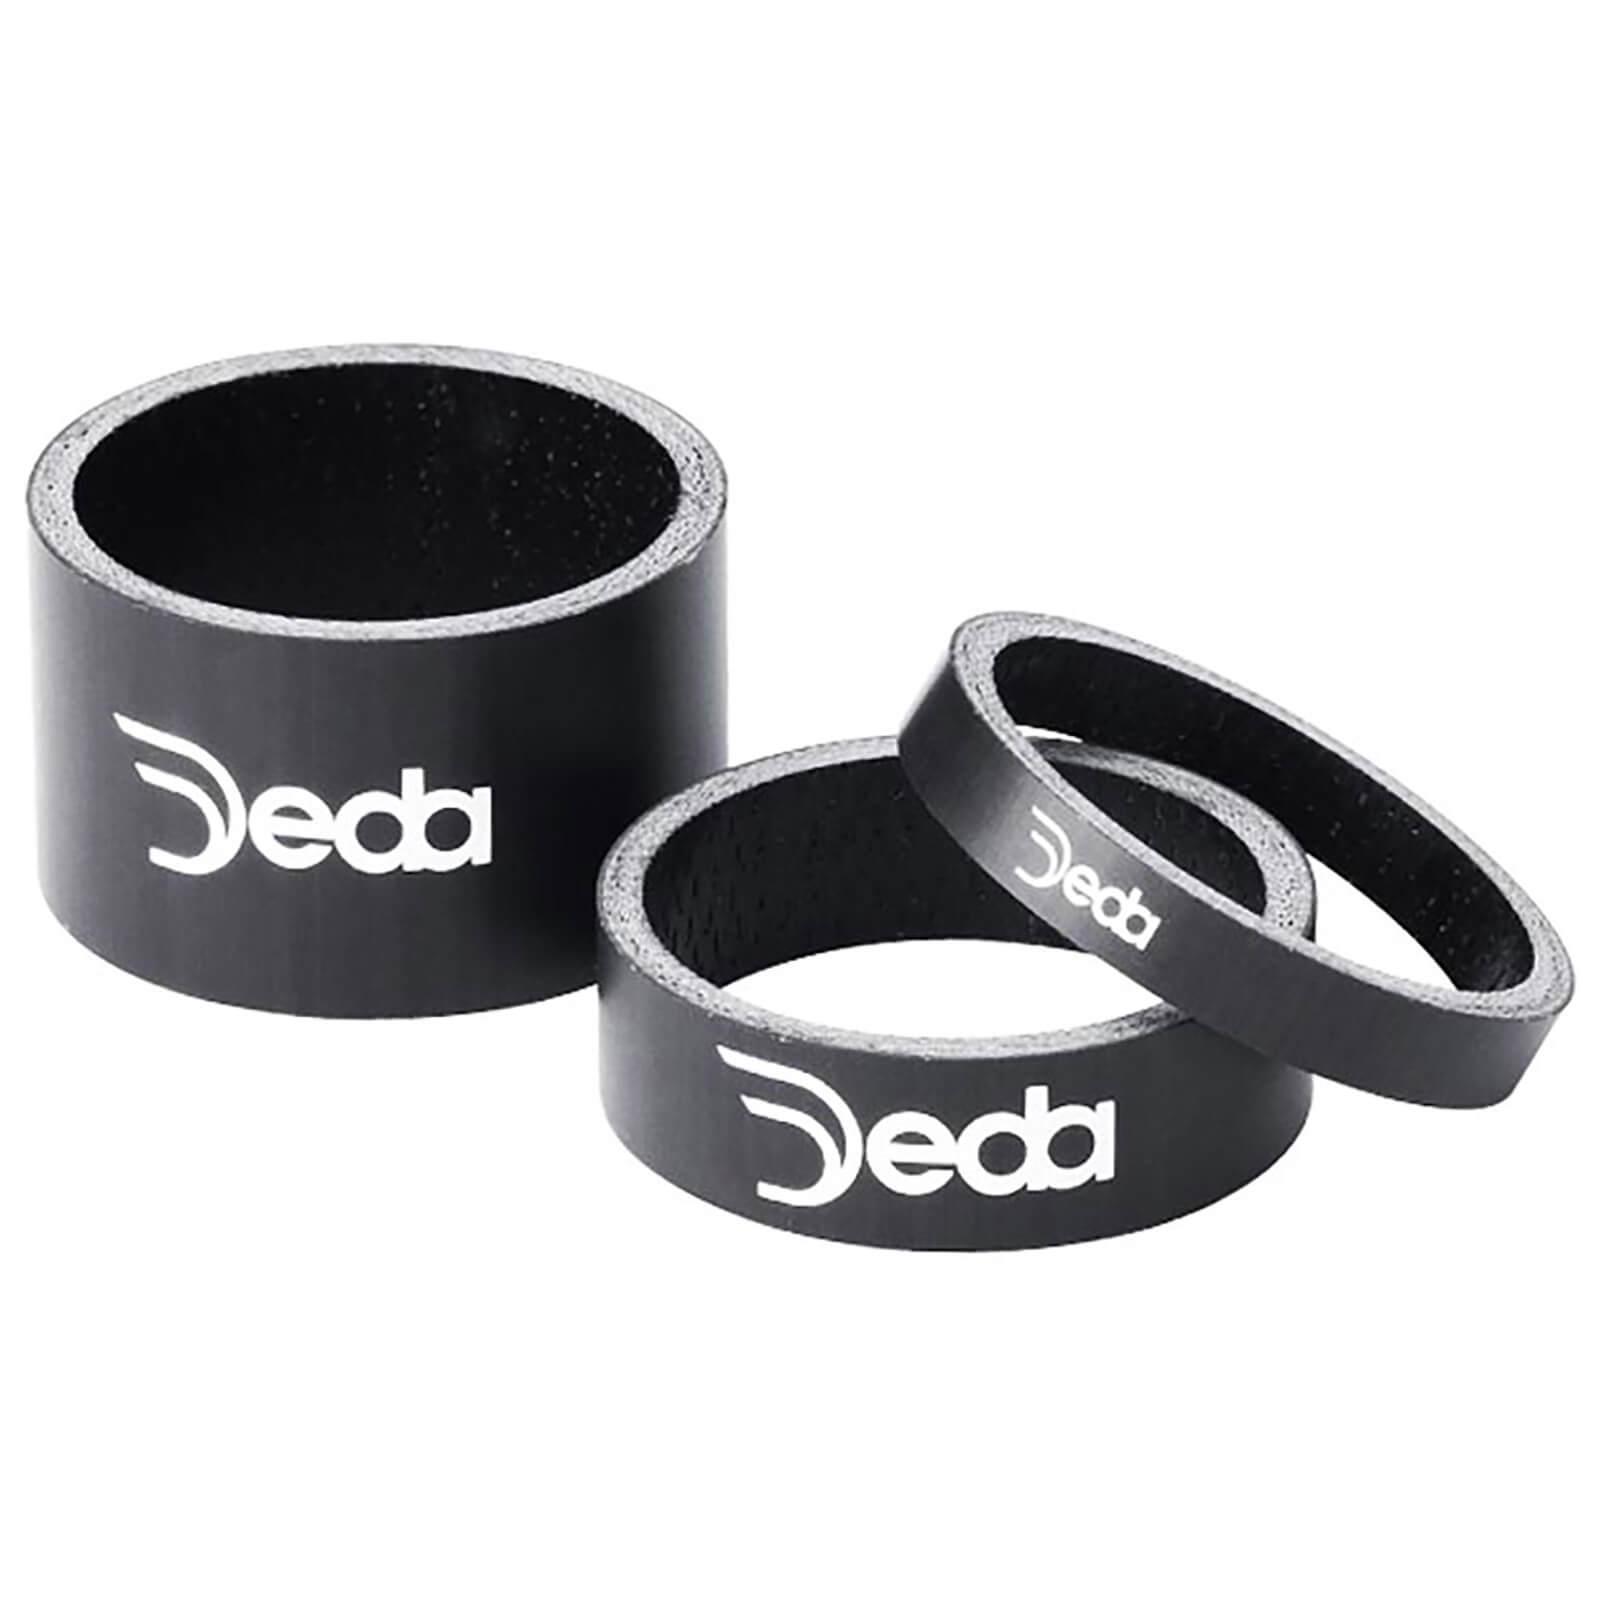 Deda Gravel100 Rhm Handlebars - 46cm - Black/black